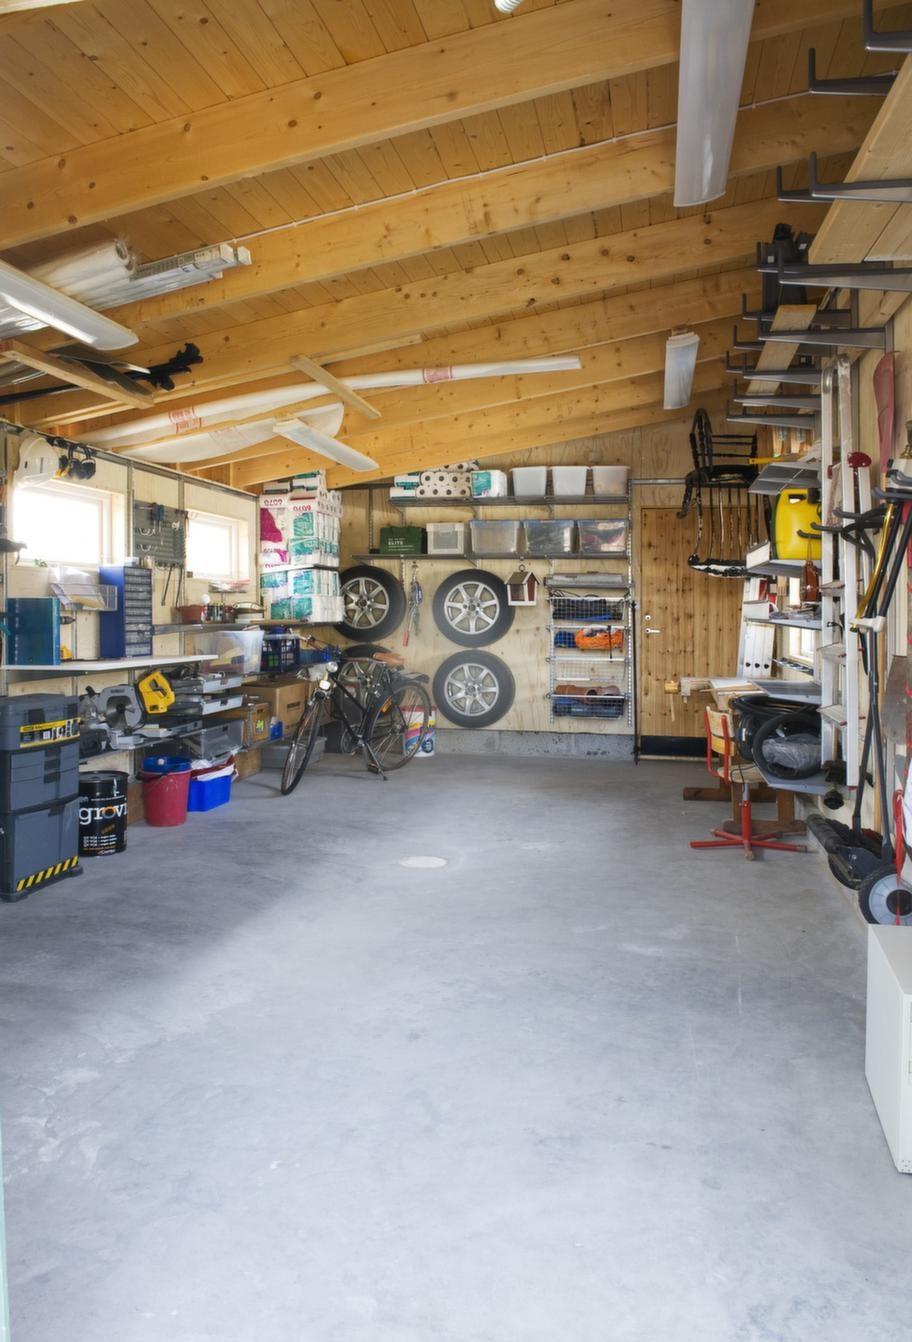 FÖRRÅD. Tänk över förvaringsbehovet i samband med att du bygger et garage. Familjen Lantz såg till ha plats för bland annat trädgårdsredskap. Inredning från Elfa.